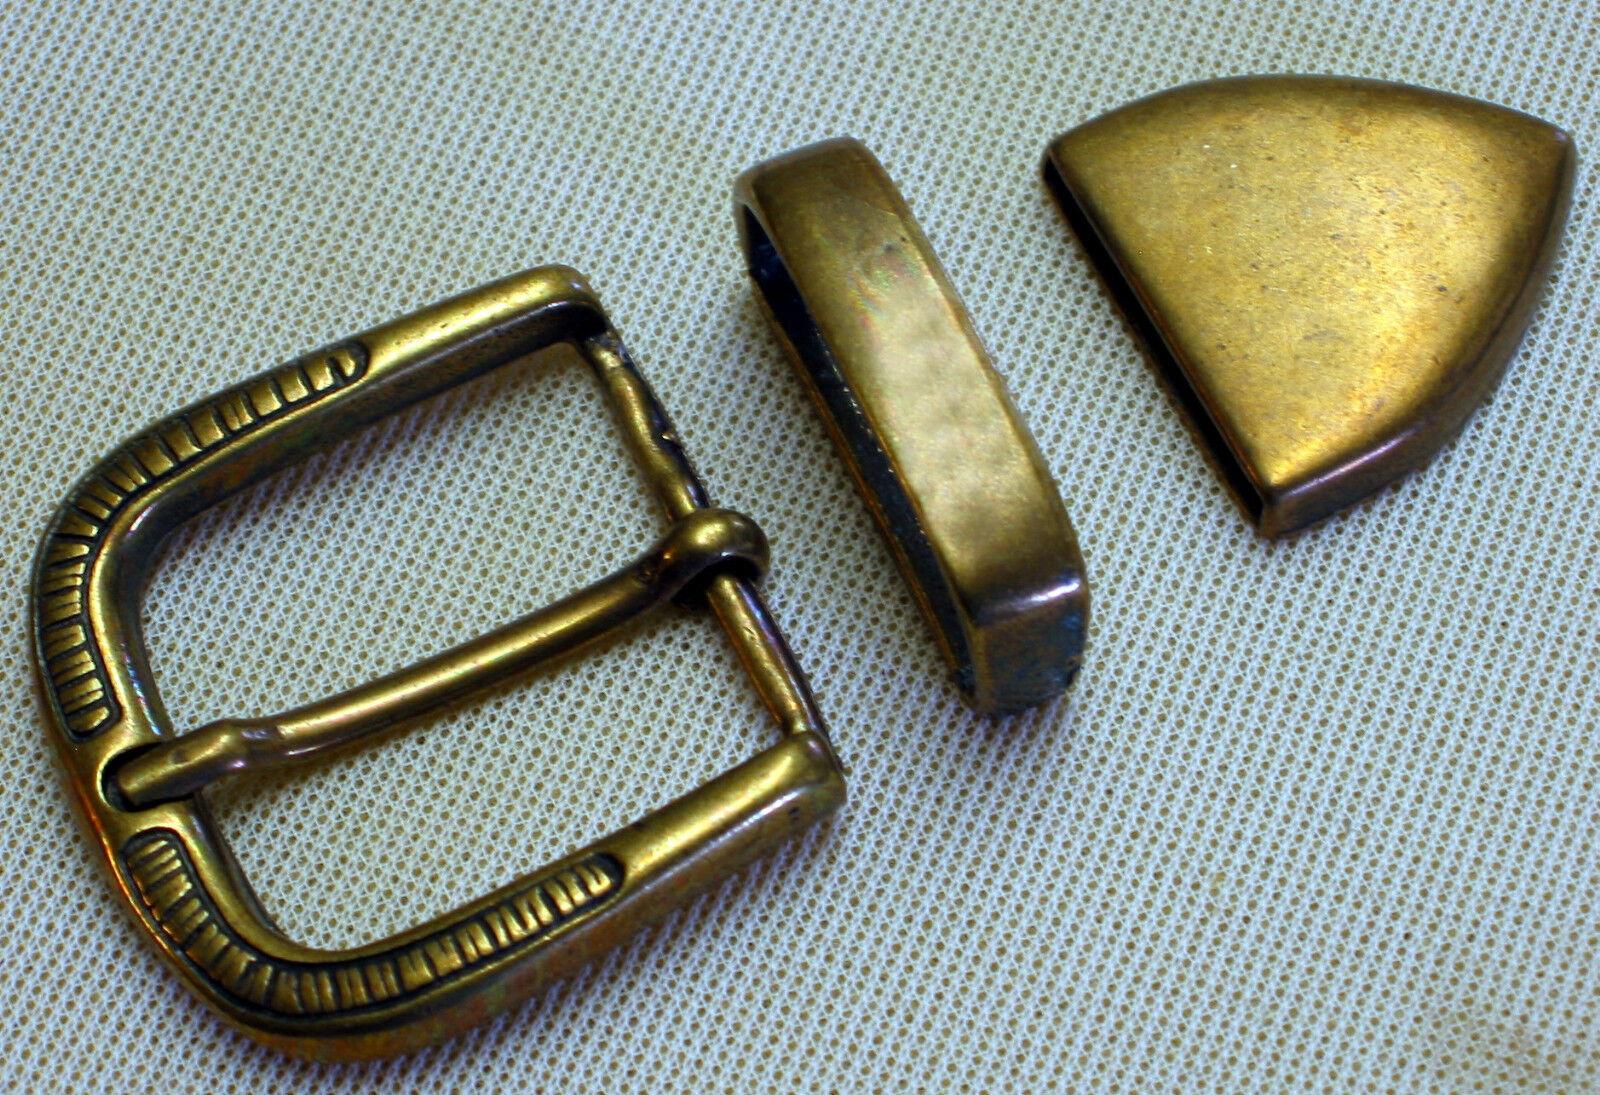 Adorno en la cintura nuevo para ancho 3cm m. correa de + punta color metal altmessing #